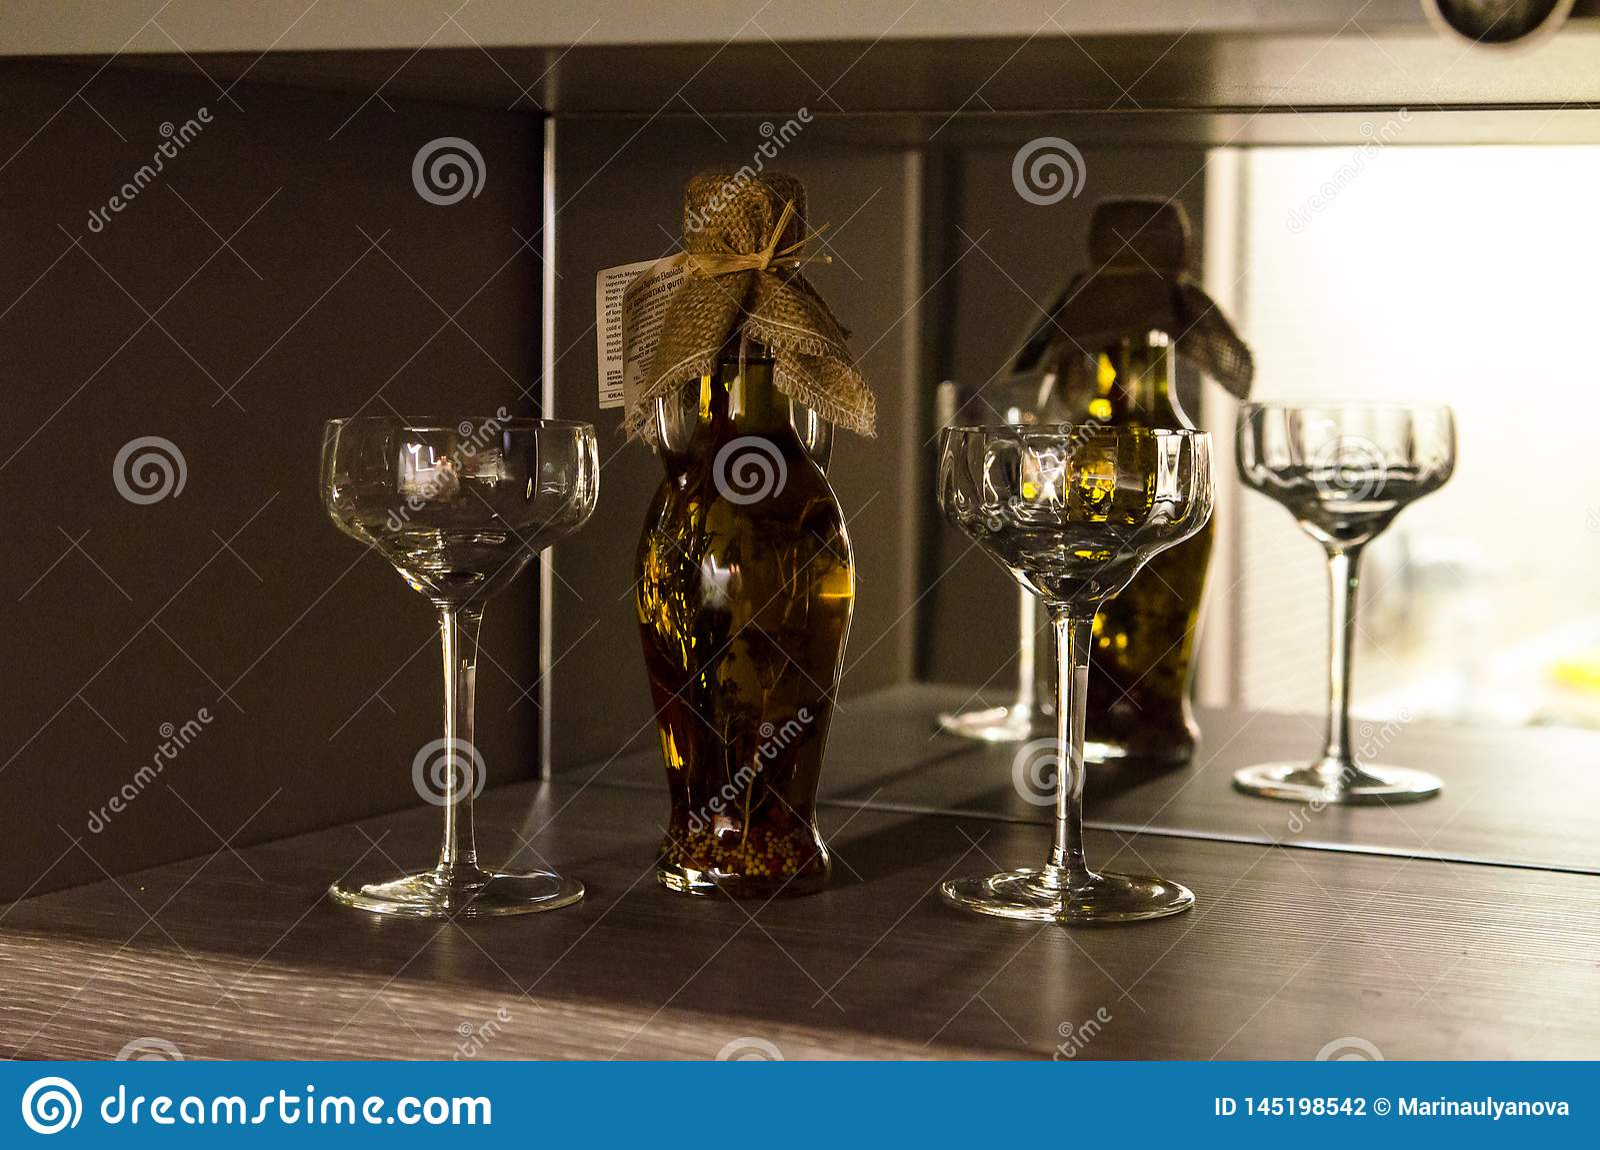 Flasche mit der Flüssigkeit reflektiert im Spiegel